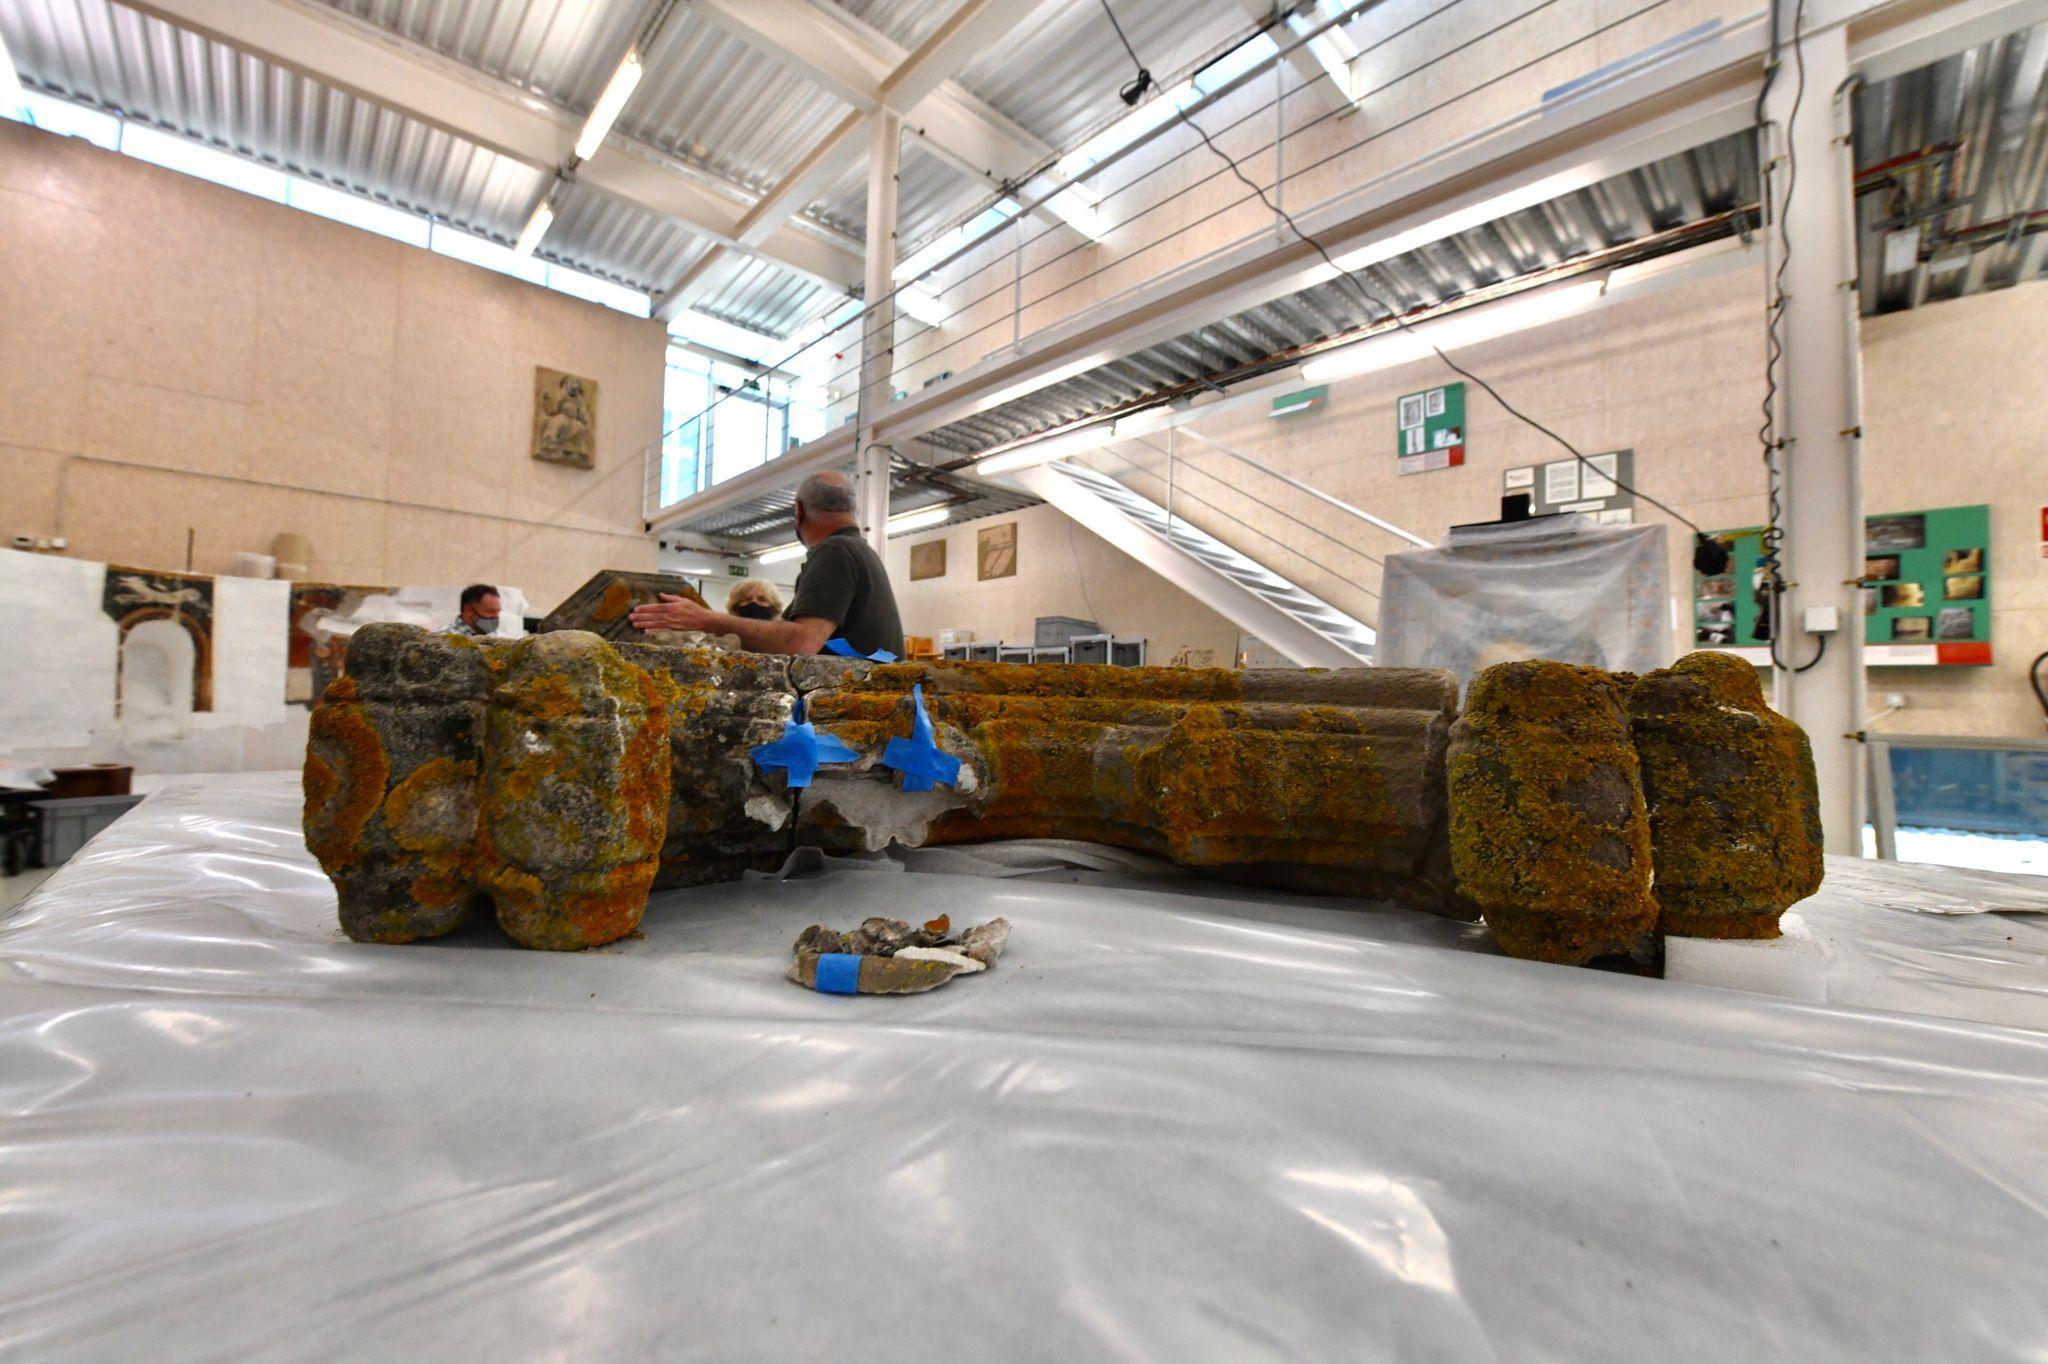 Primers passos en la restauració de la Creu de Terme del Monestir. FOTO: Jordi Garcia